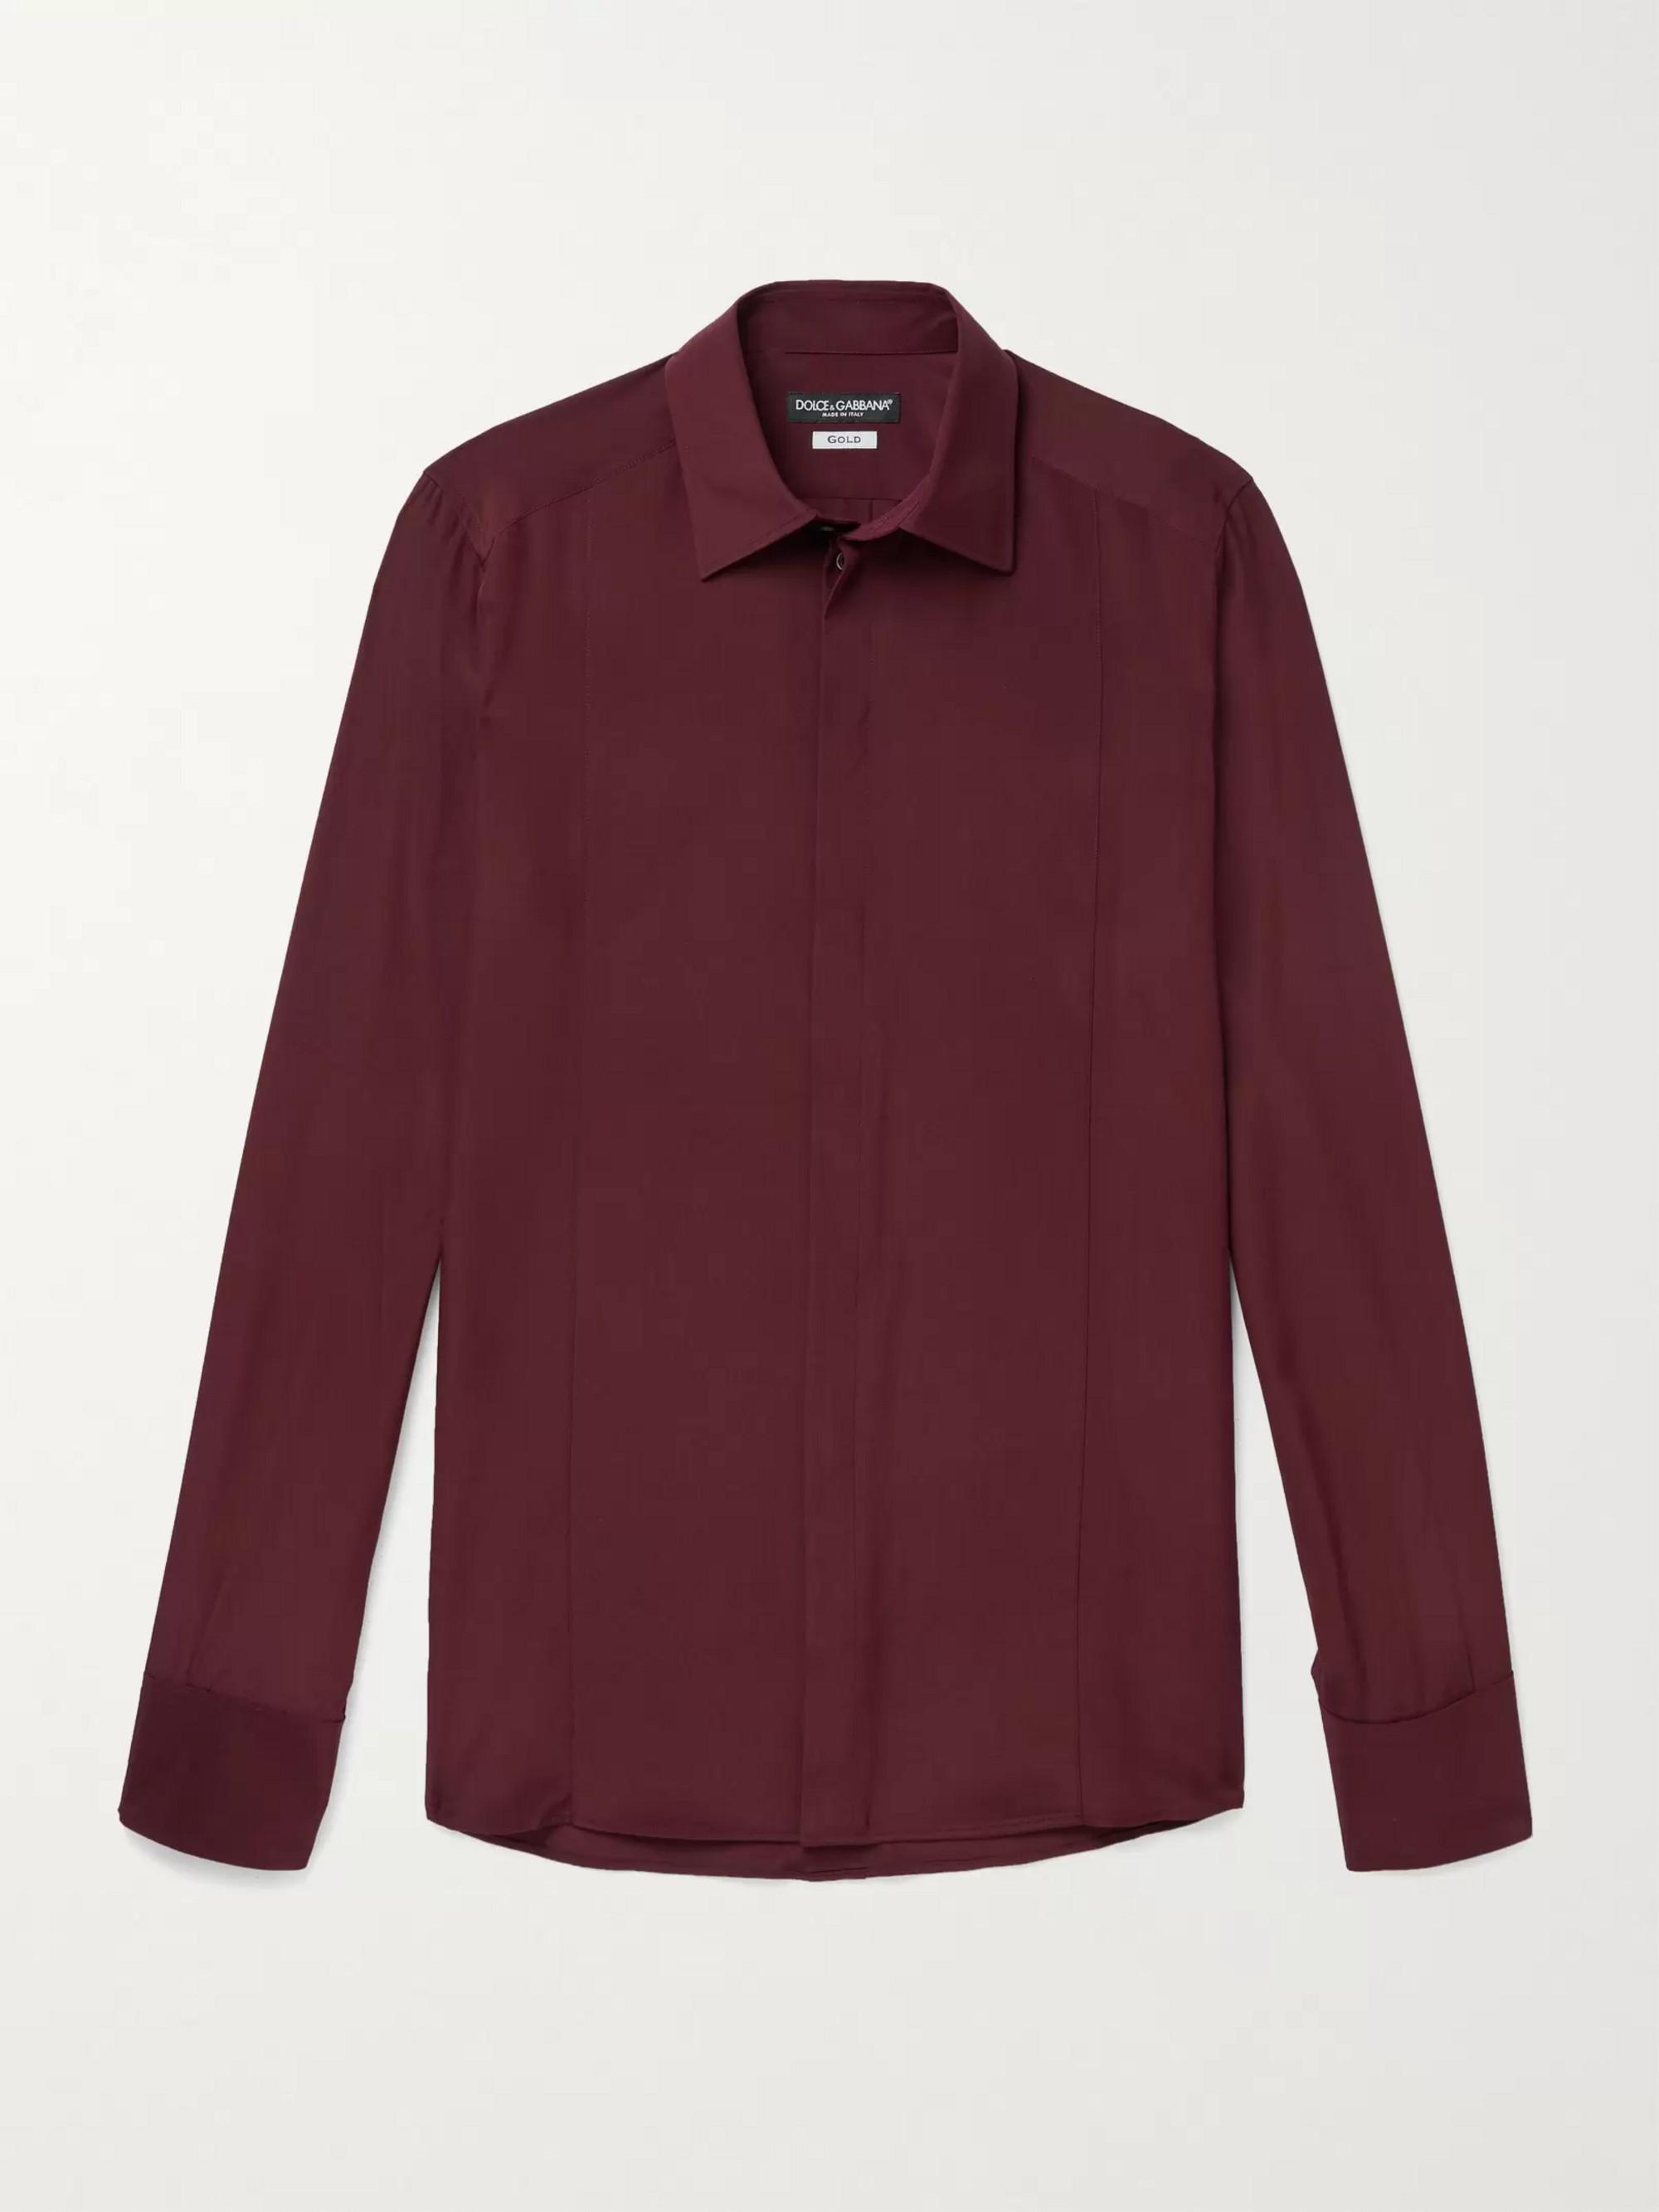 DOLCE & GABBANA Silk Crepe De Chine Shirt